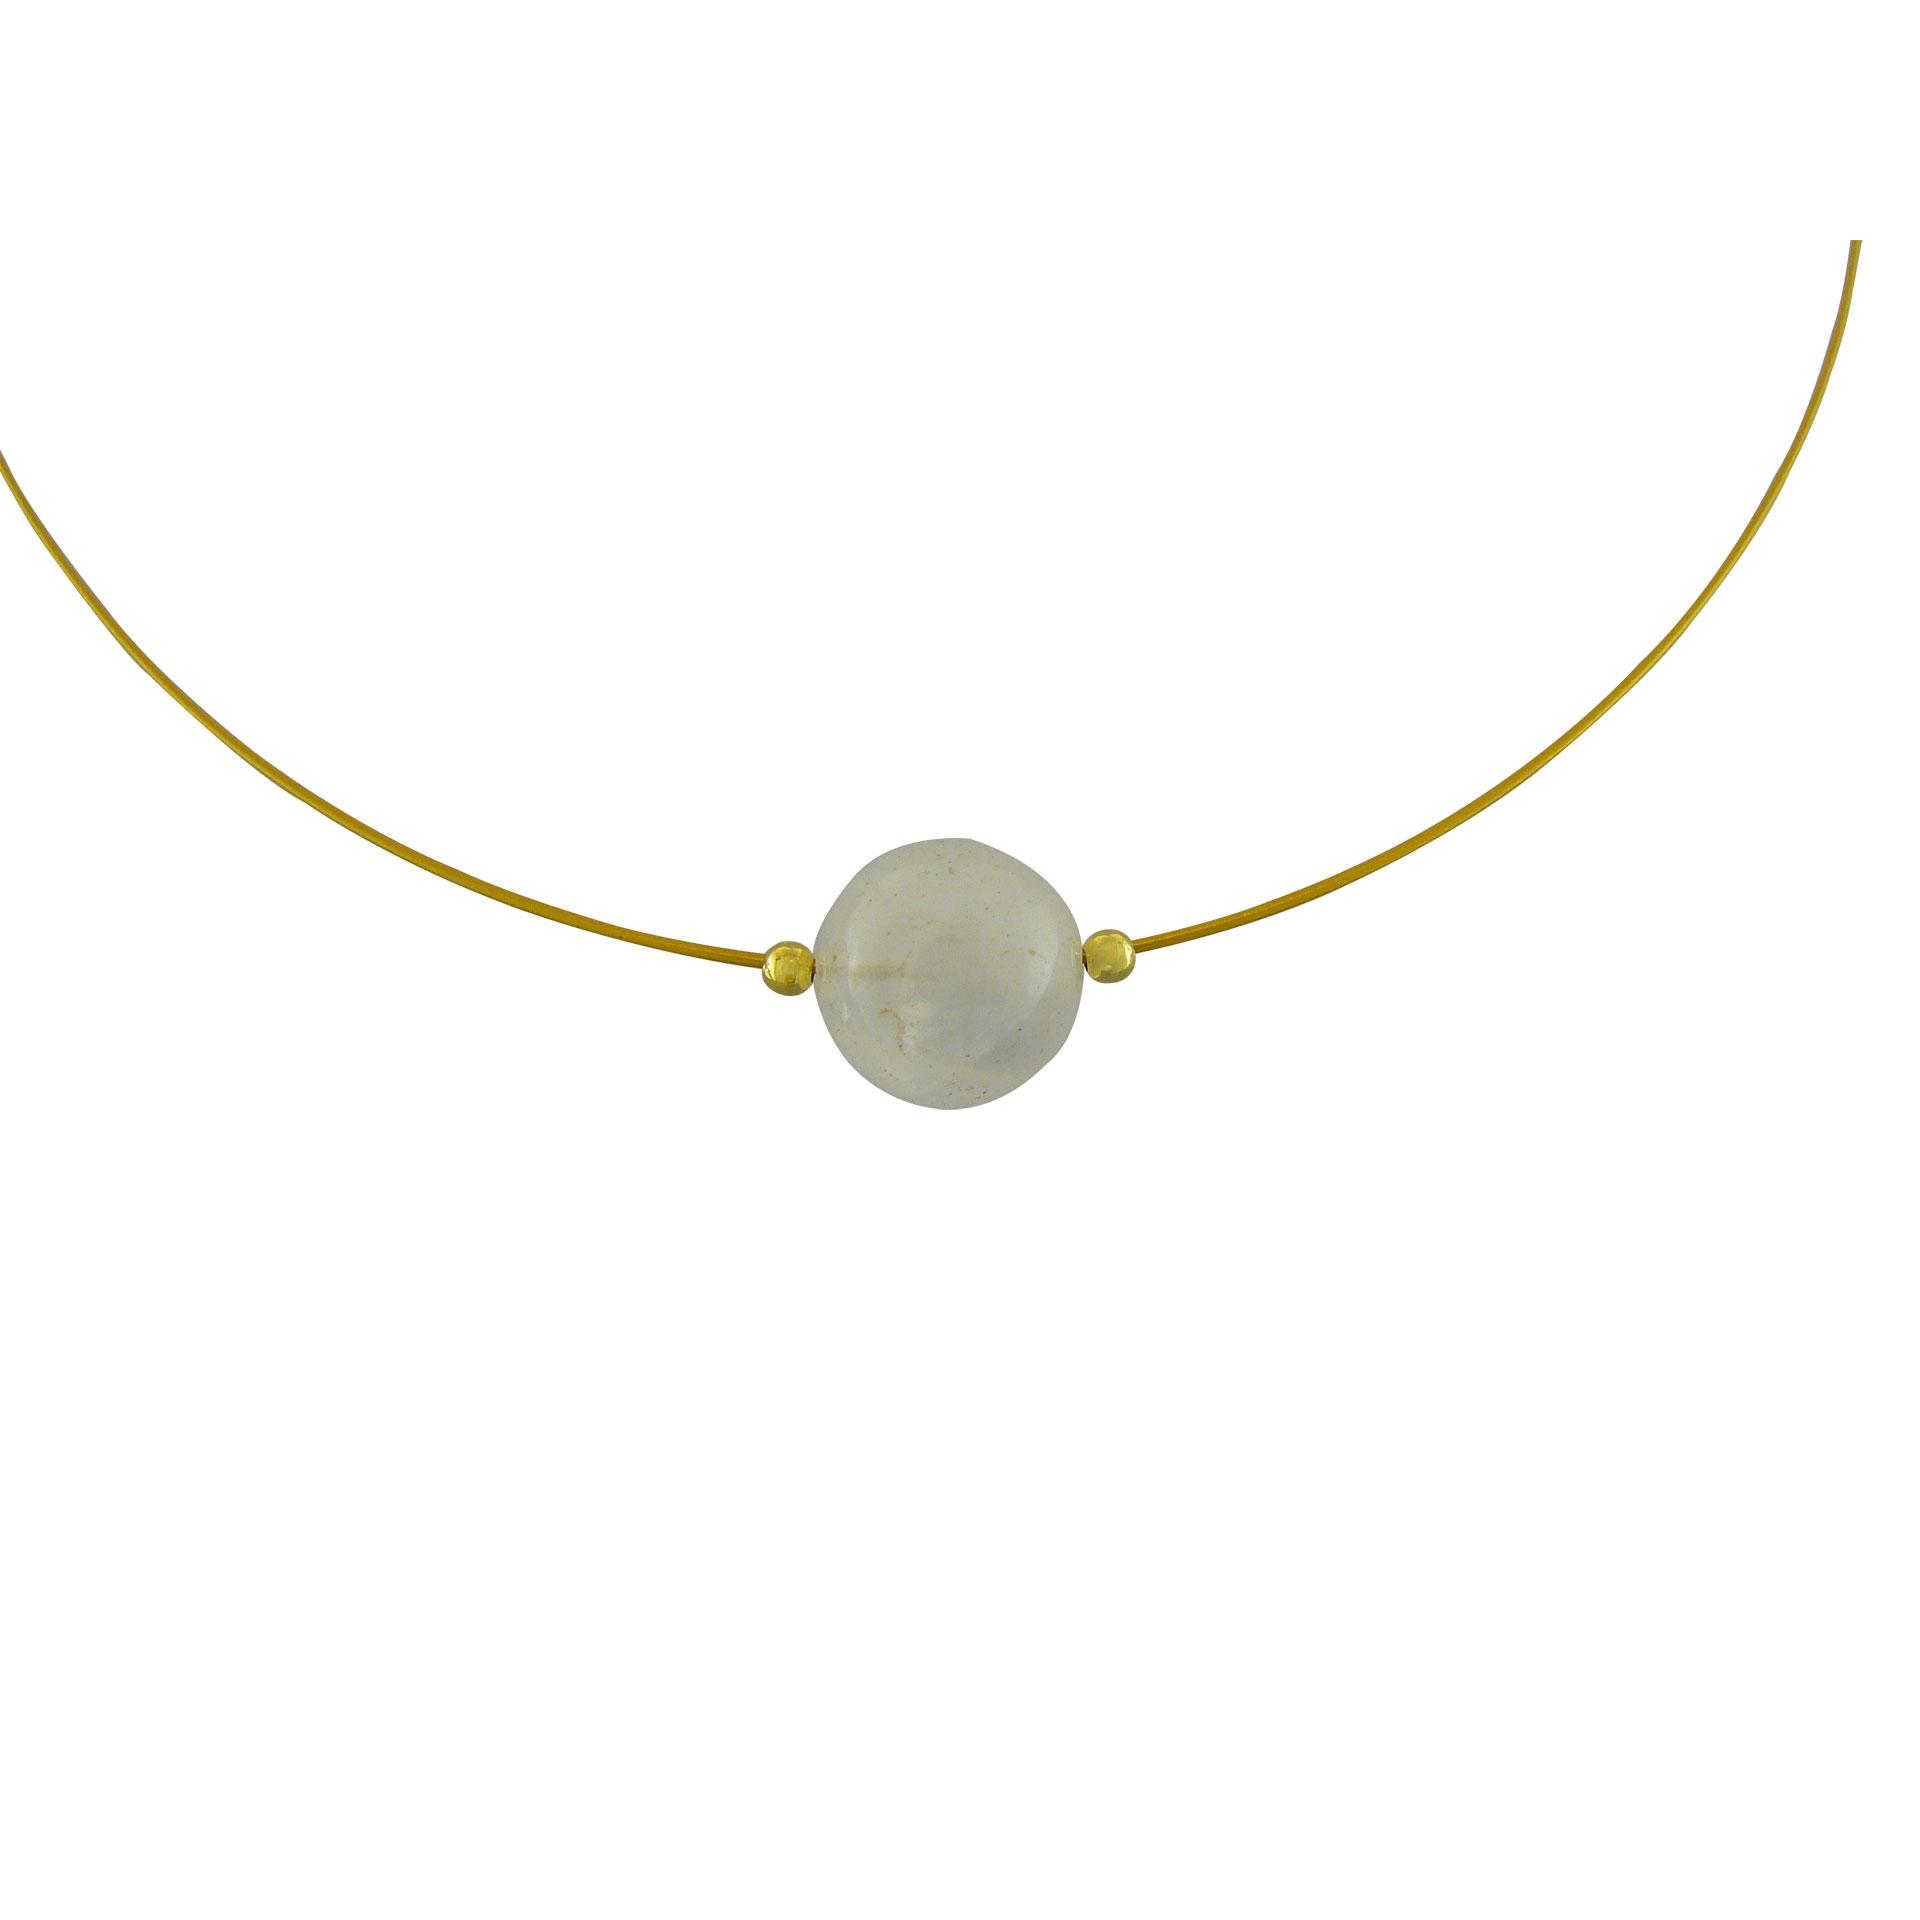 Γυναικείο Μεταγίον με Φεγγαρόπετρα - Ενεργειακή Πέτρα της Ψυχικής Ισορροπίας (Silver 925°)